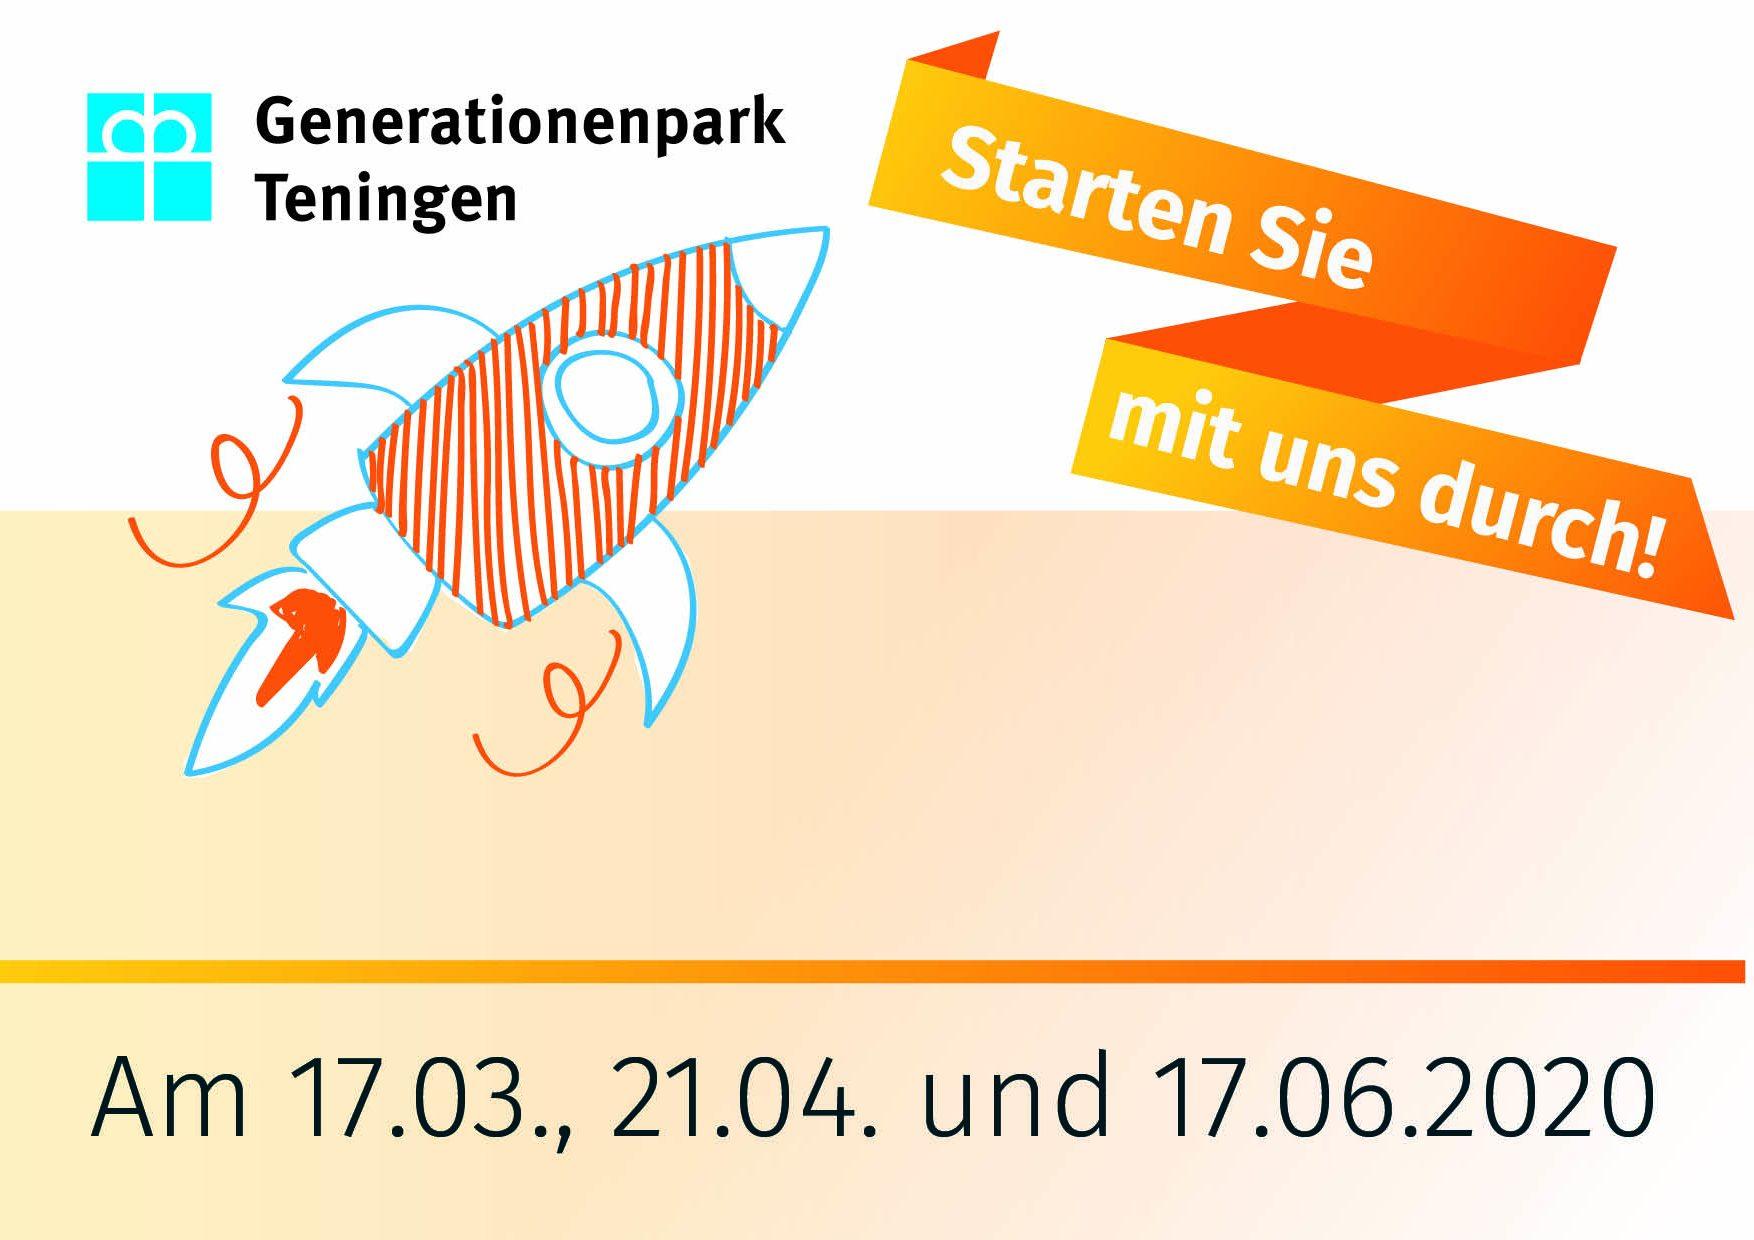 Job-Speeddating im Generationenpark Teningen